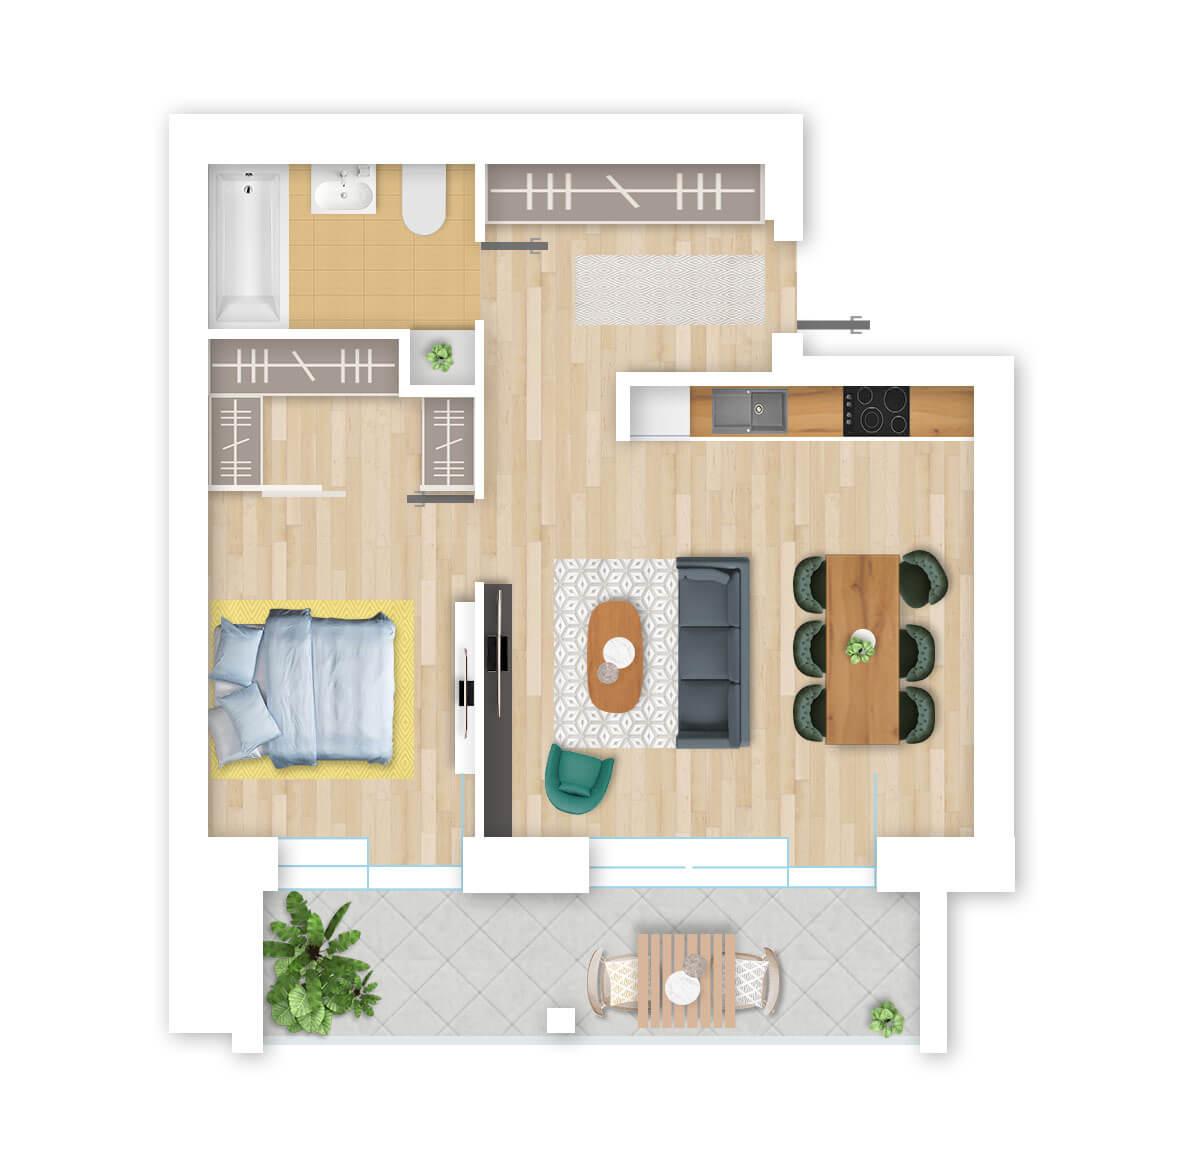 parduodamas butas Lazdynėlių g. 16A - 25 Vilniuje, buto 3D vaizdas